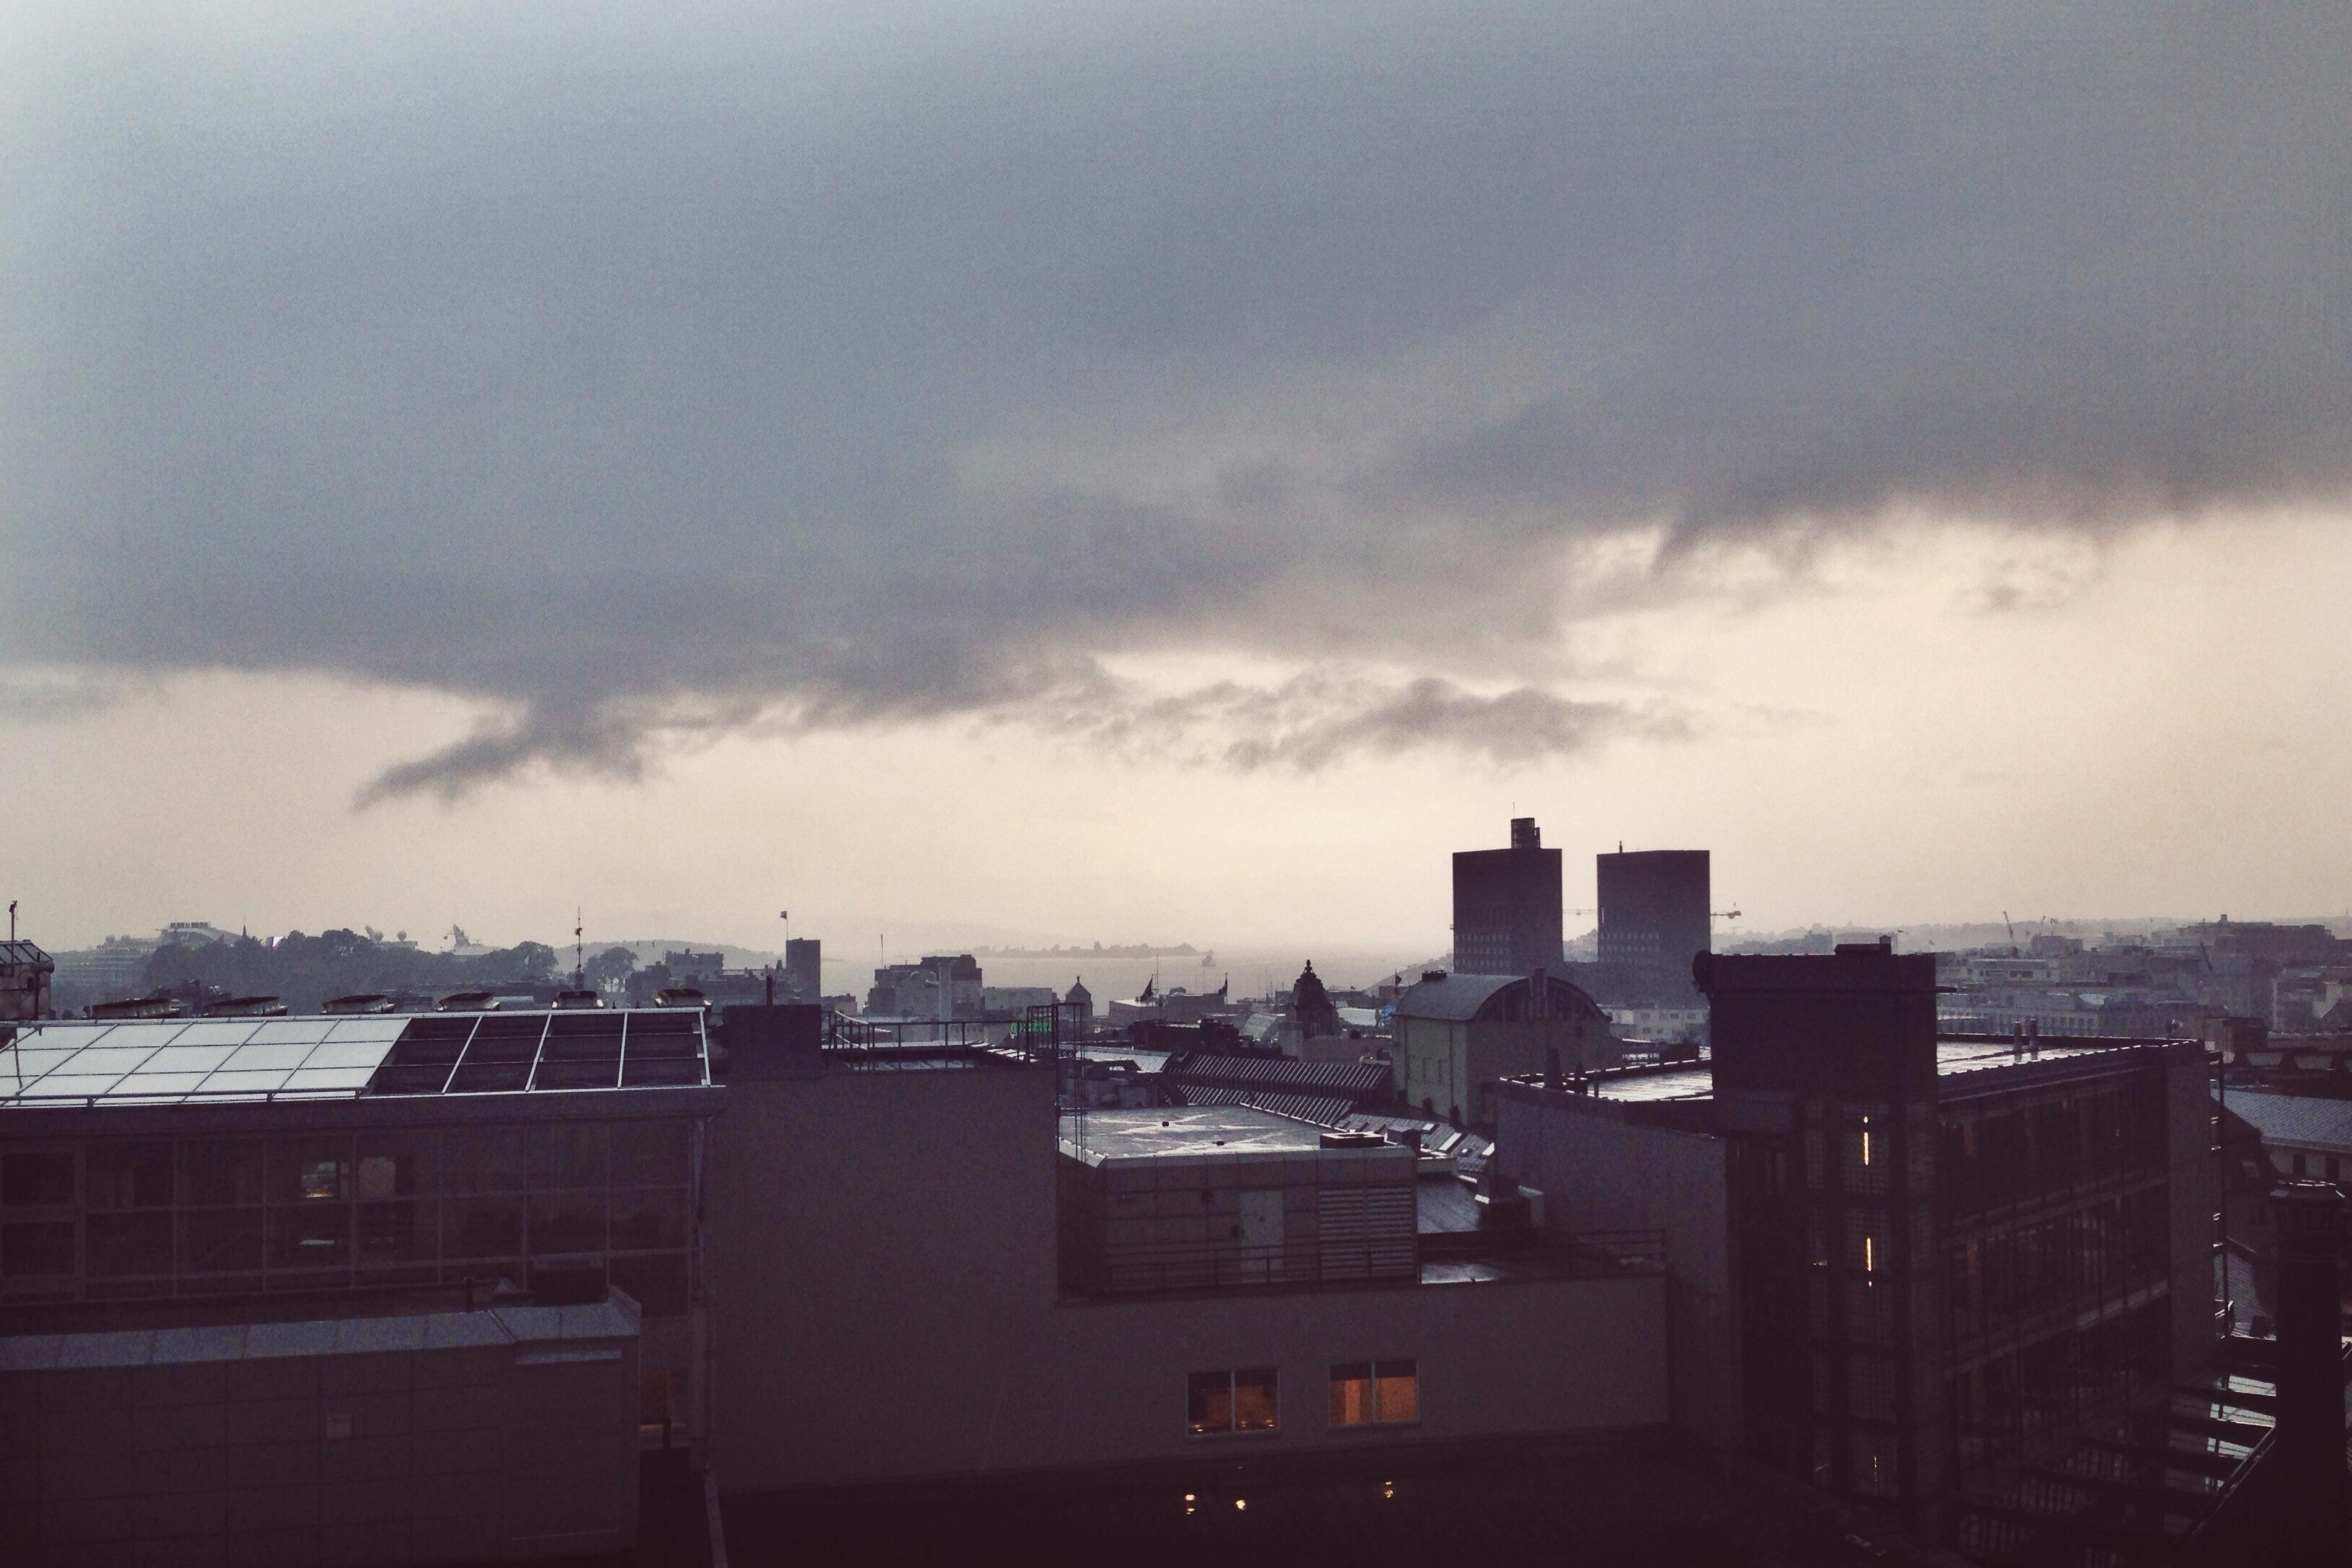 Kanonskyer og regnværslykke